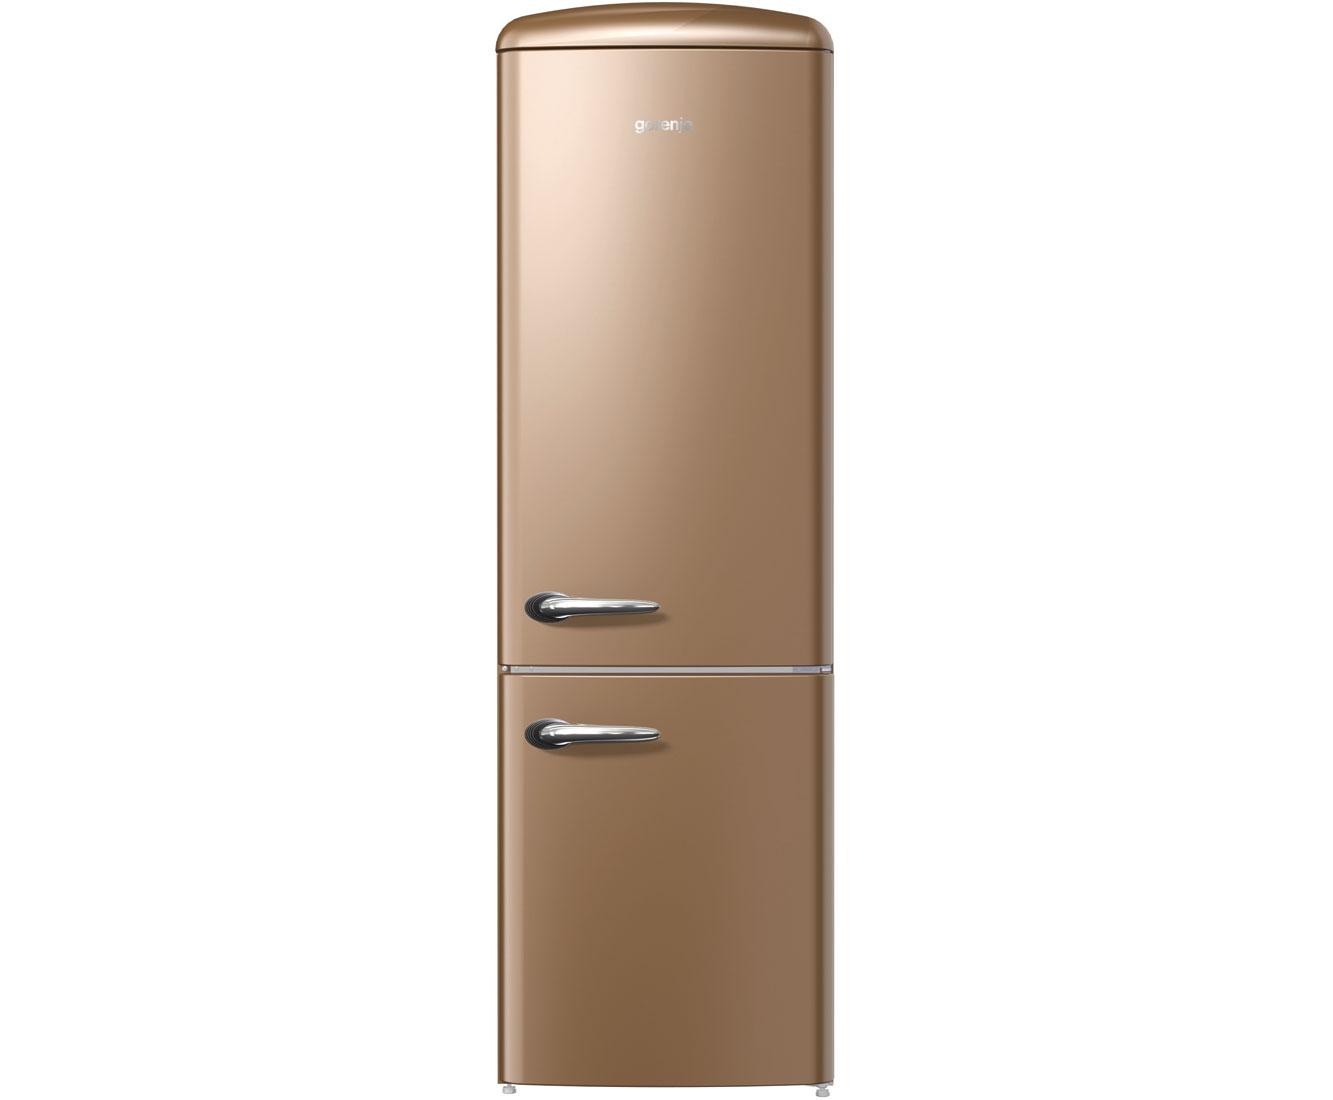 Gorenje Kühlschrank Crispzone : Gorenje kühlschrank test die besten im vergleich